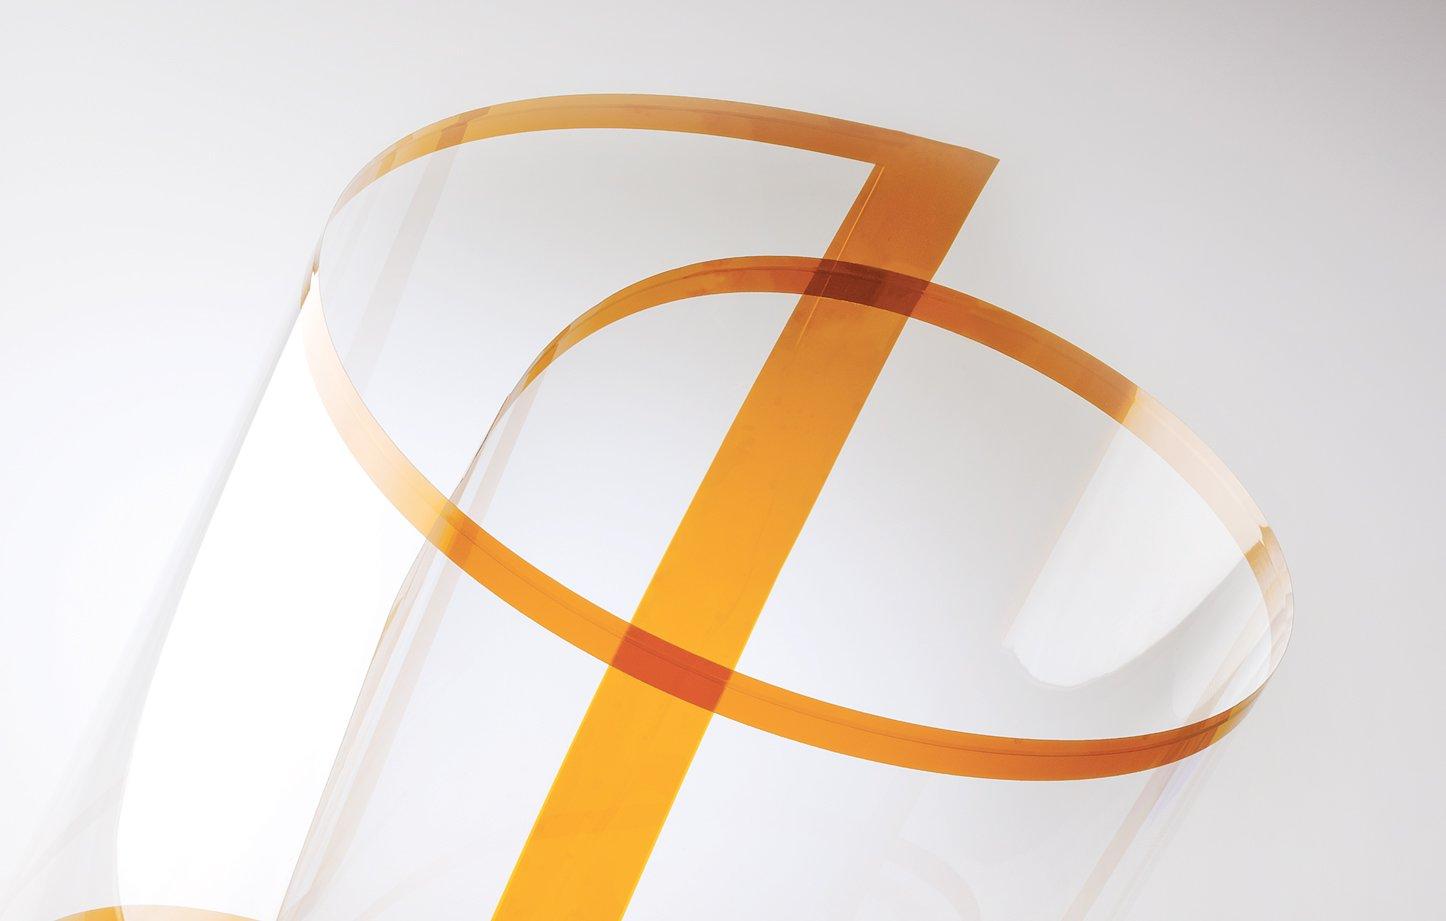 Гибкие дисплеи willow glass появятся в 2018 году